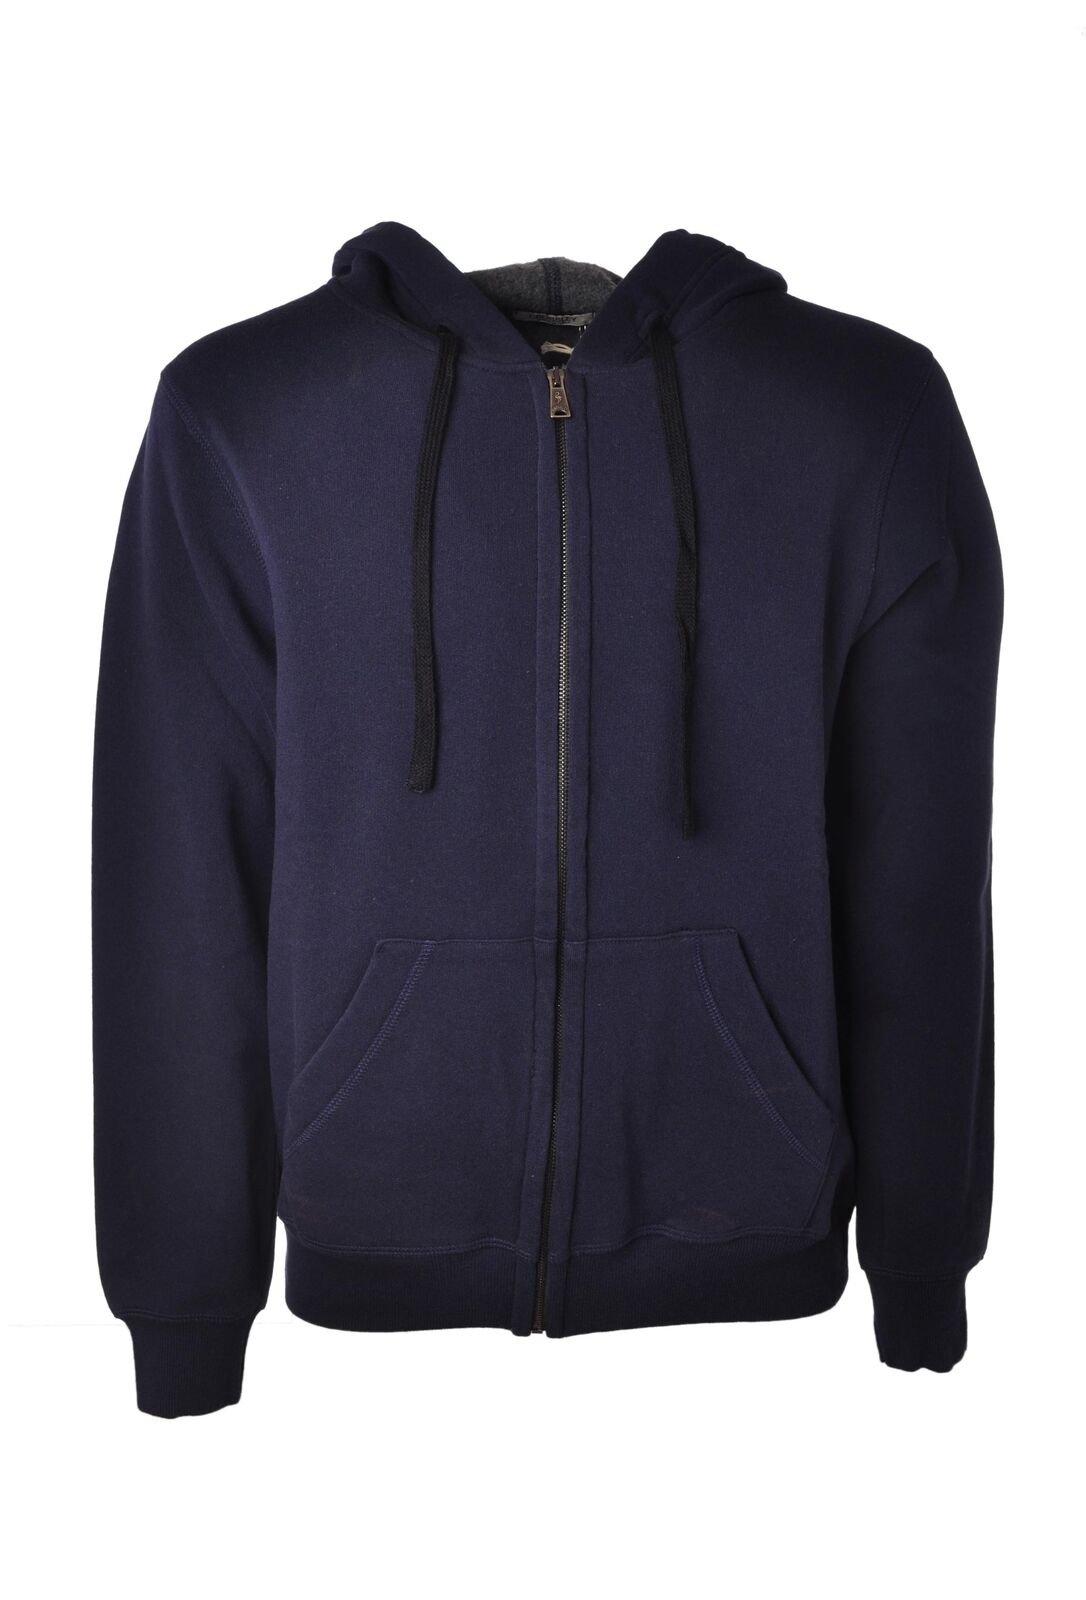 CROSSLEY - Knitwear-Sweaters - Man - Blau - 4087923C183617